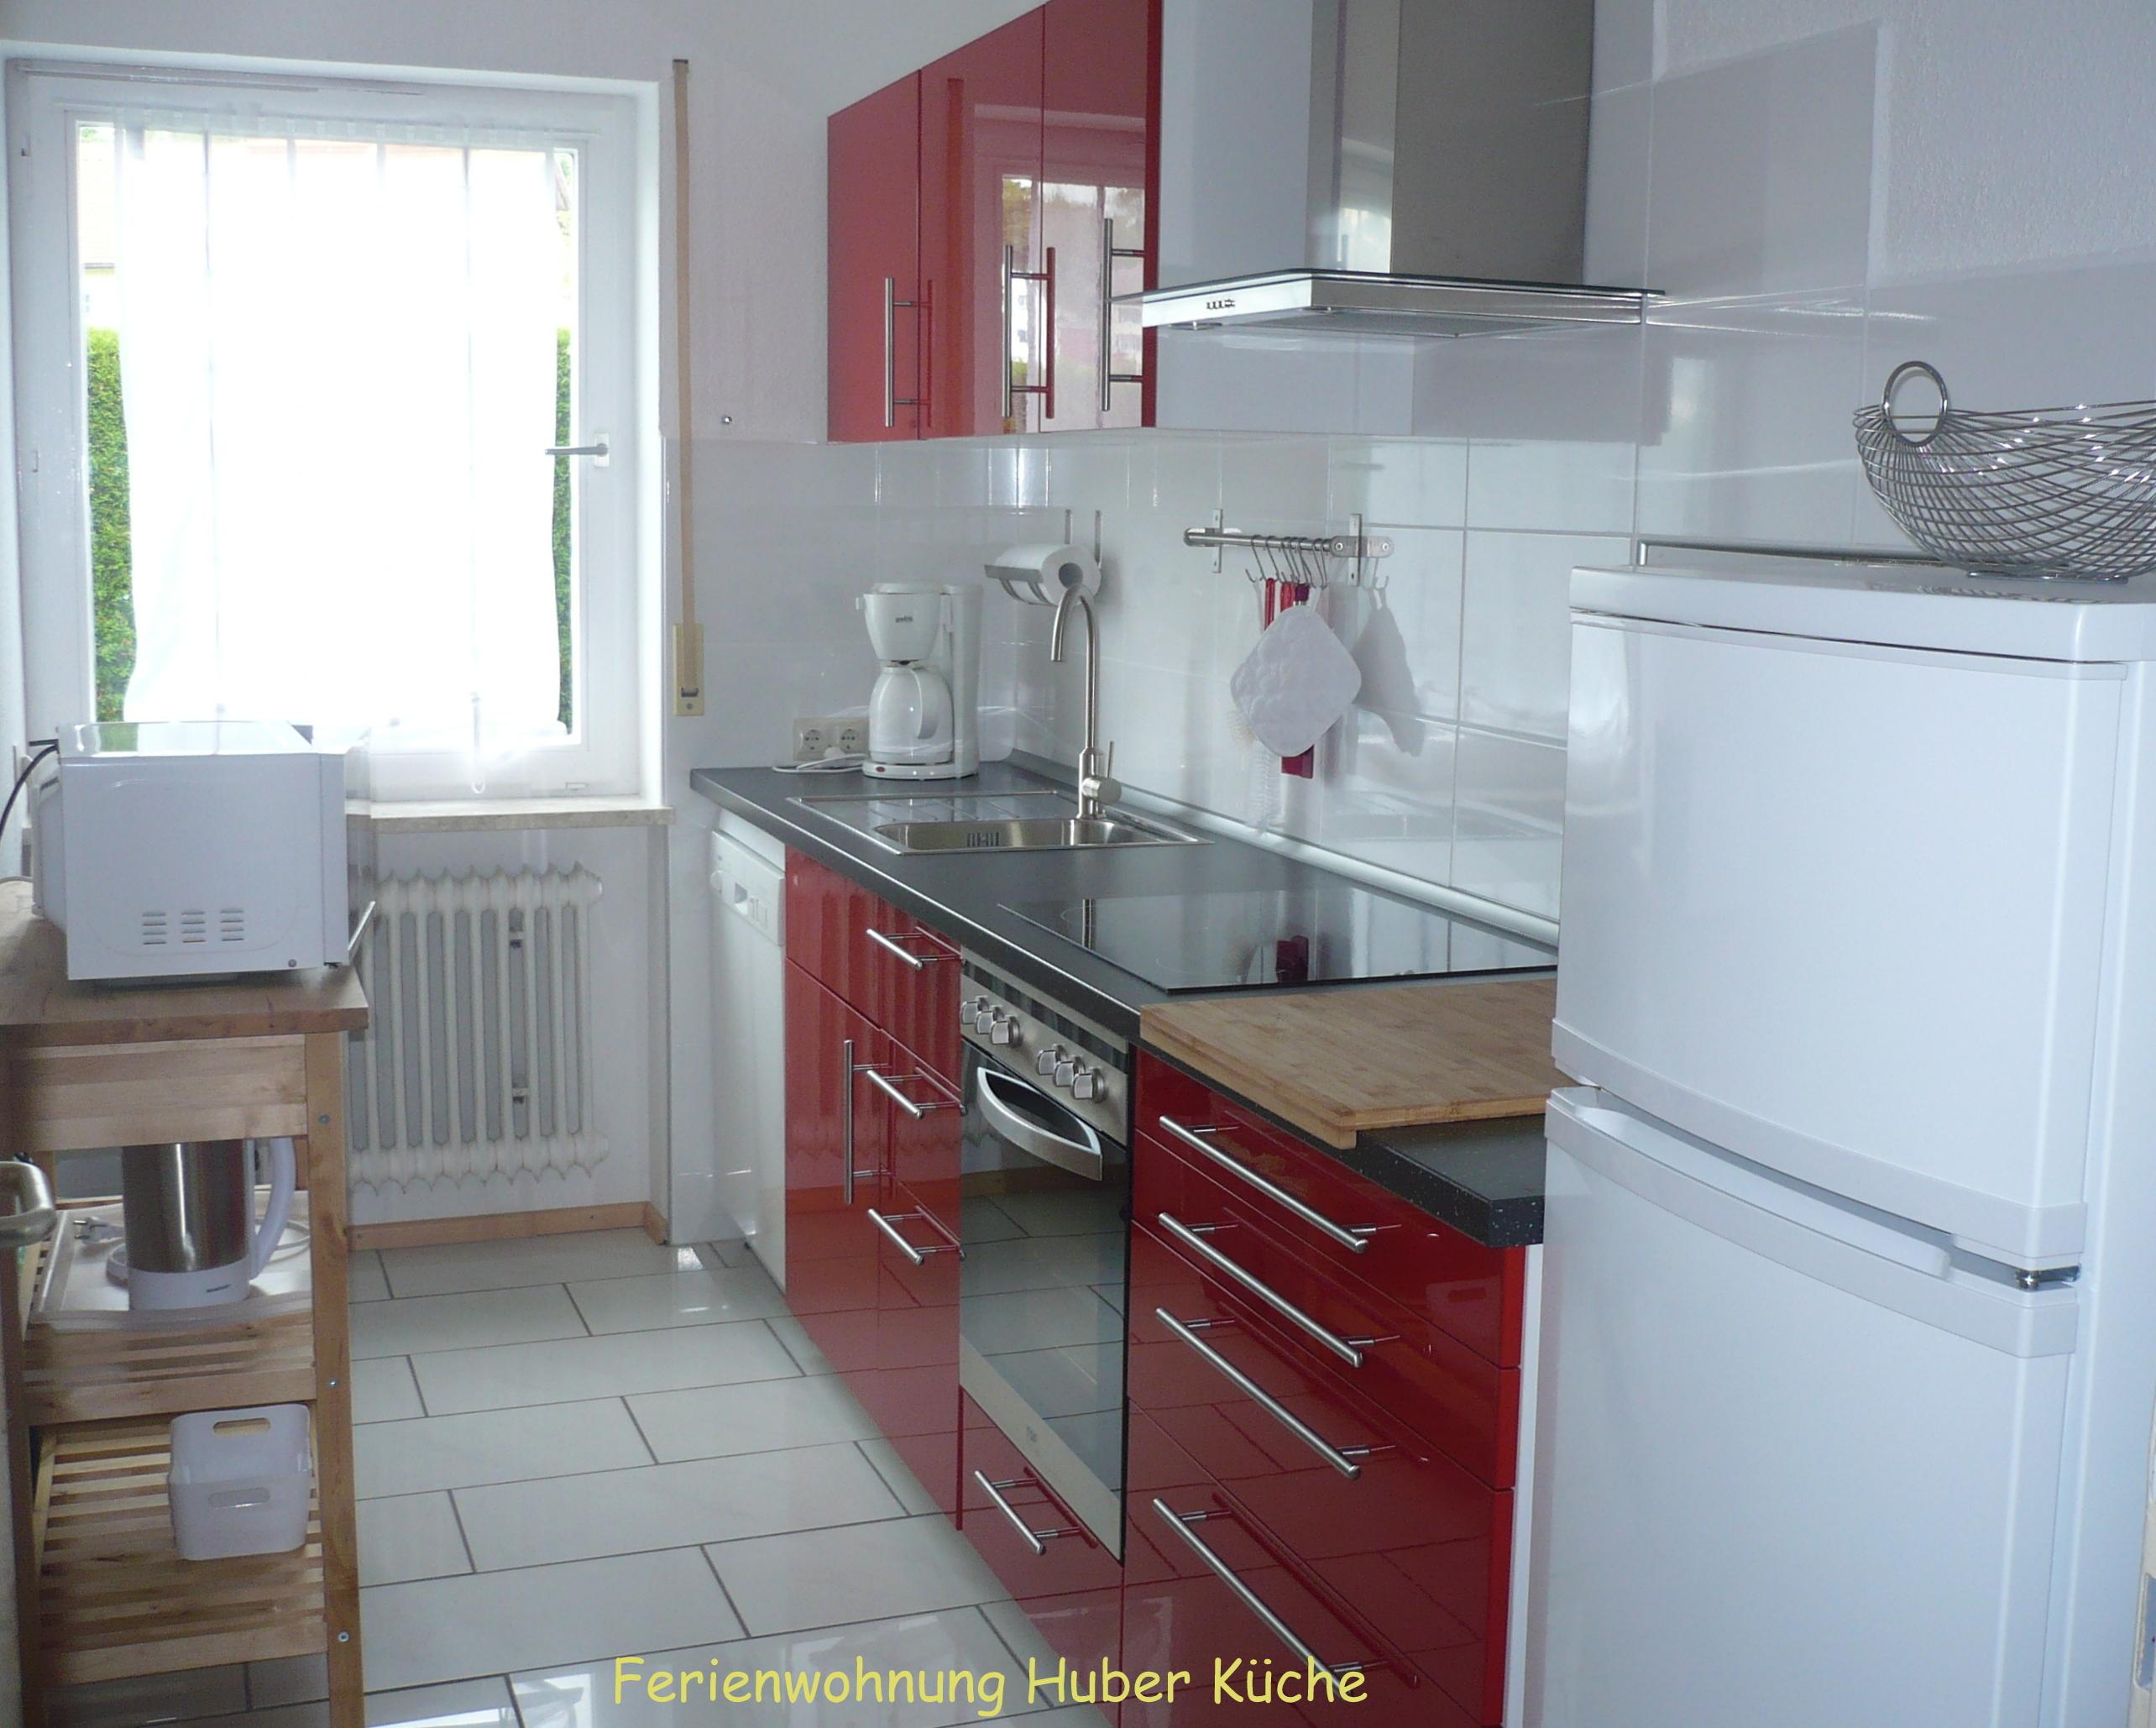 Ferienwohnug Huber, Küche